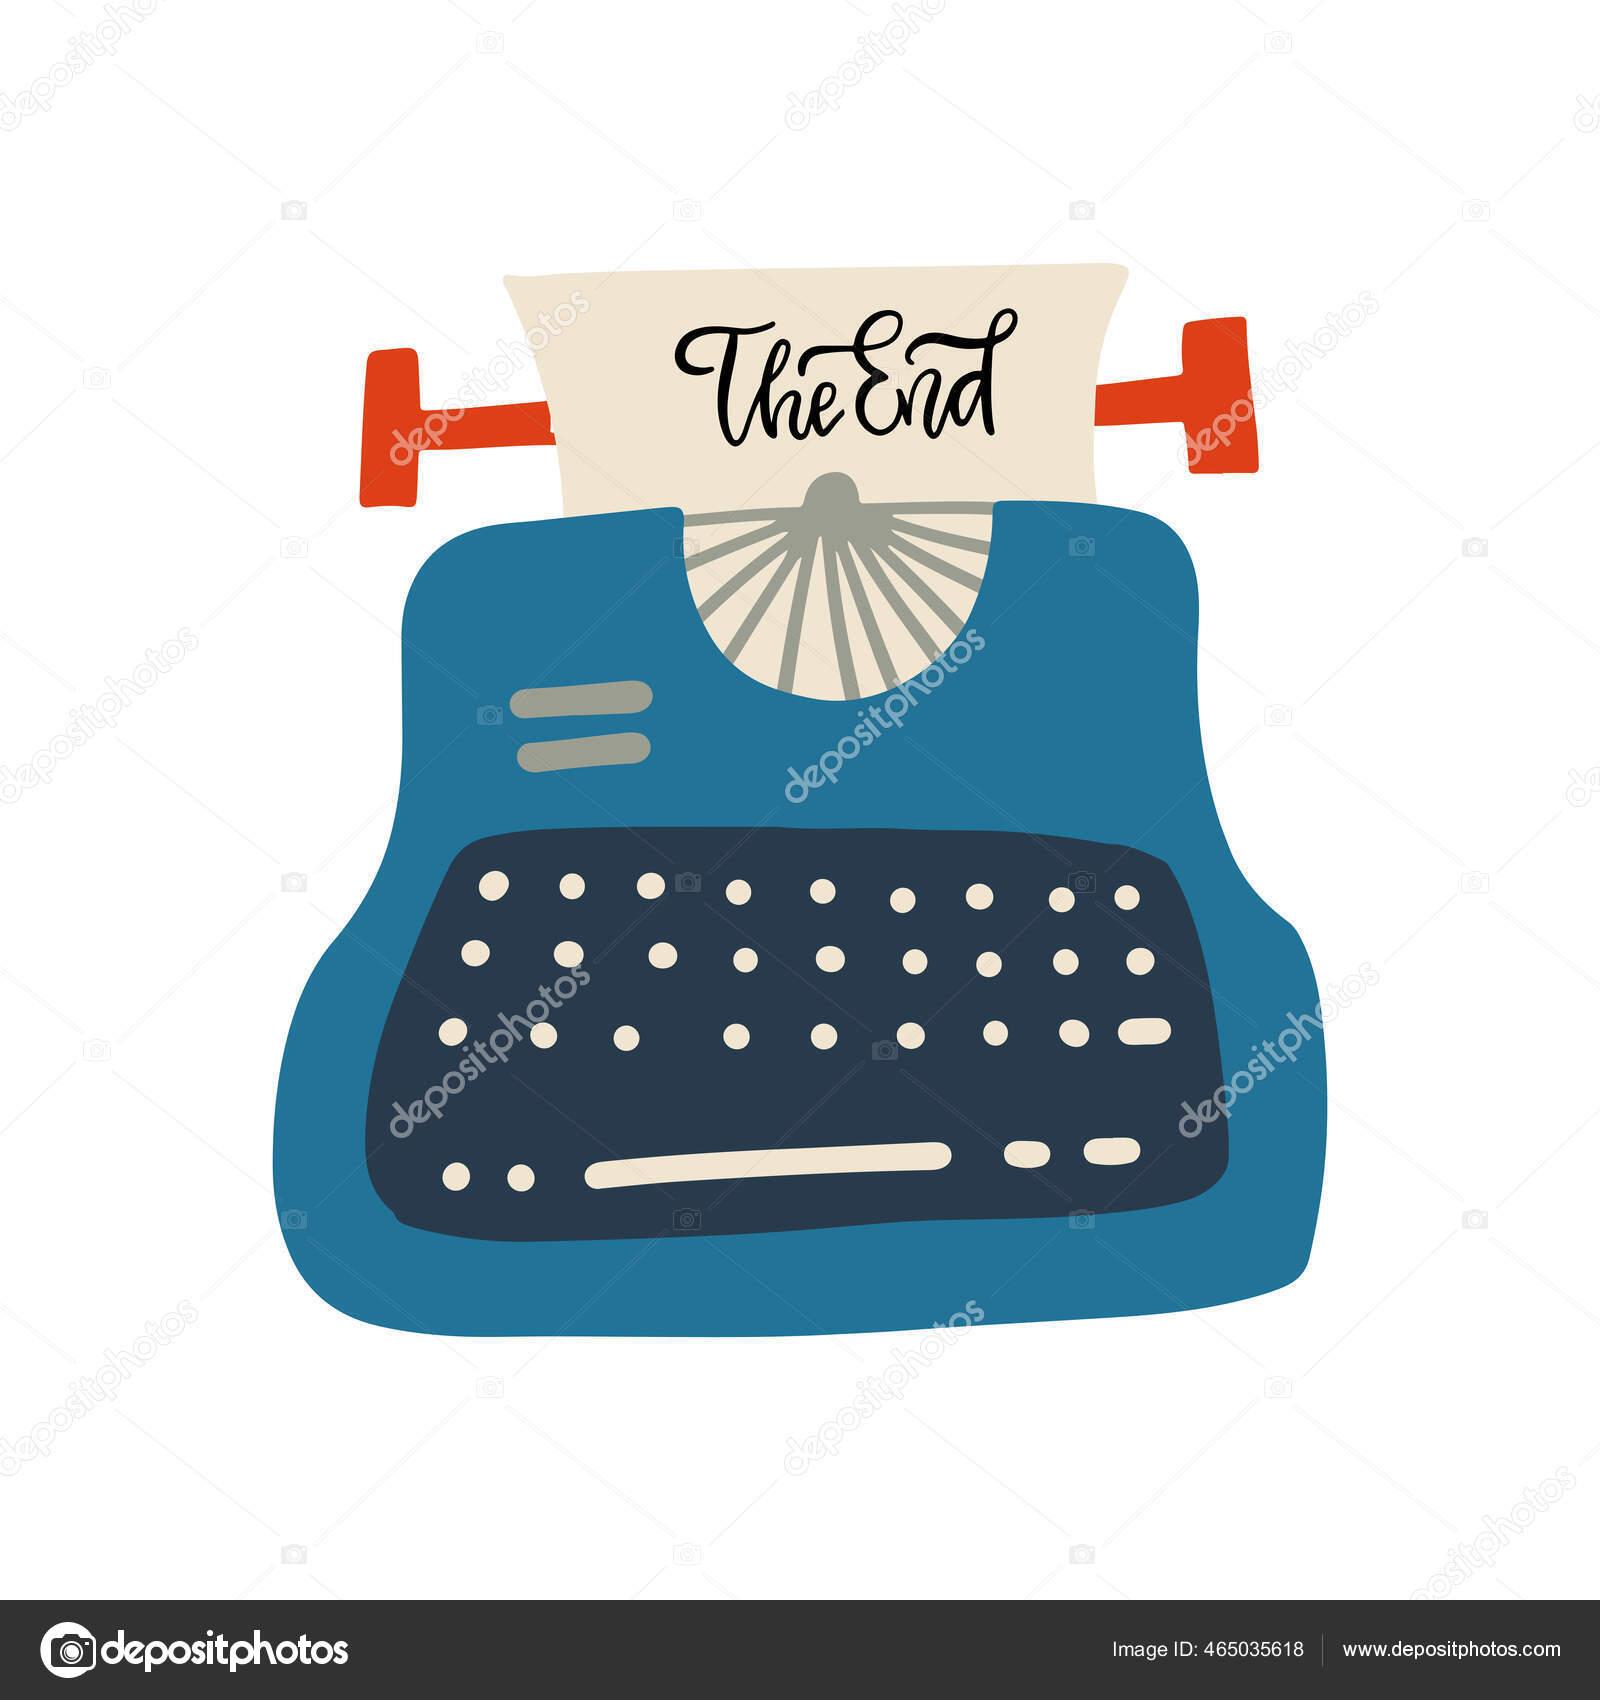 23 Das Konzept der Endbuchstaben. Phrase auf Blatt Papier in alter  Schreibmaschine. Flache Vektor Hand gezeichnete Illustration. 10